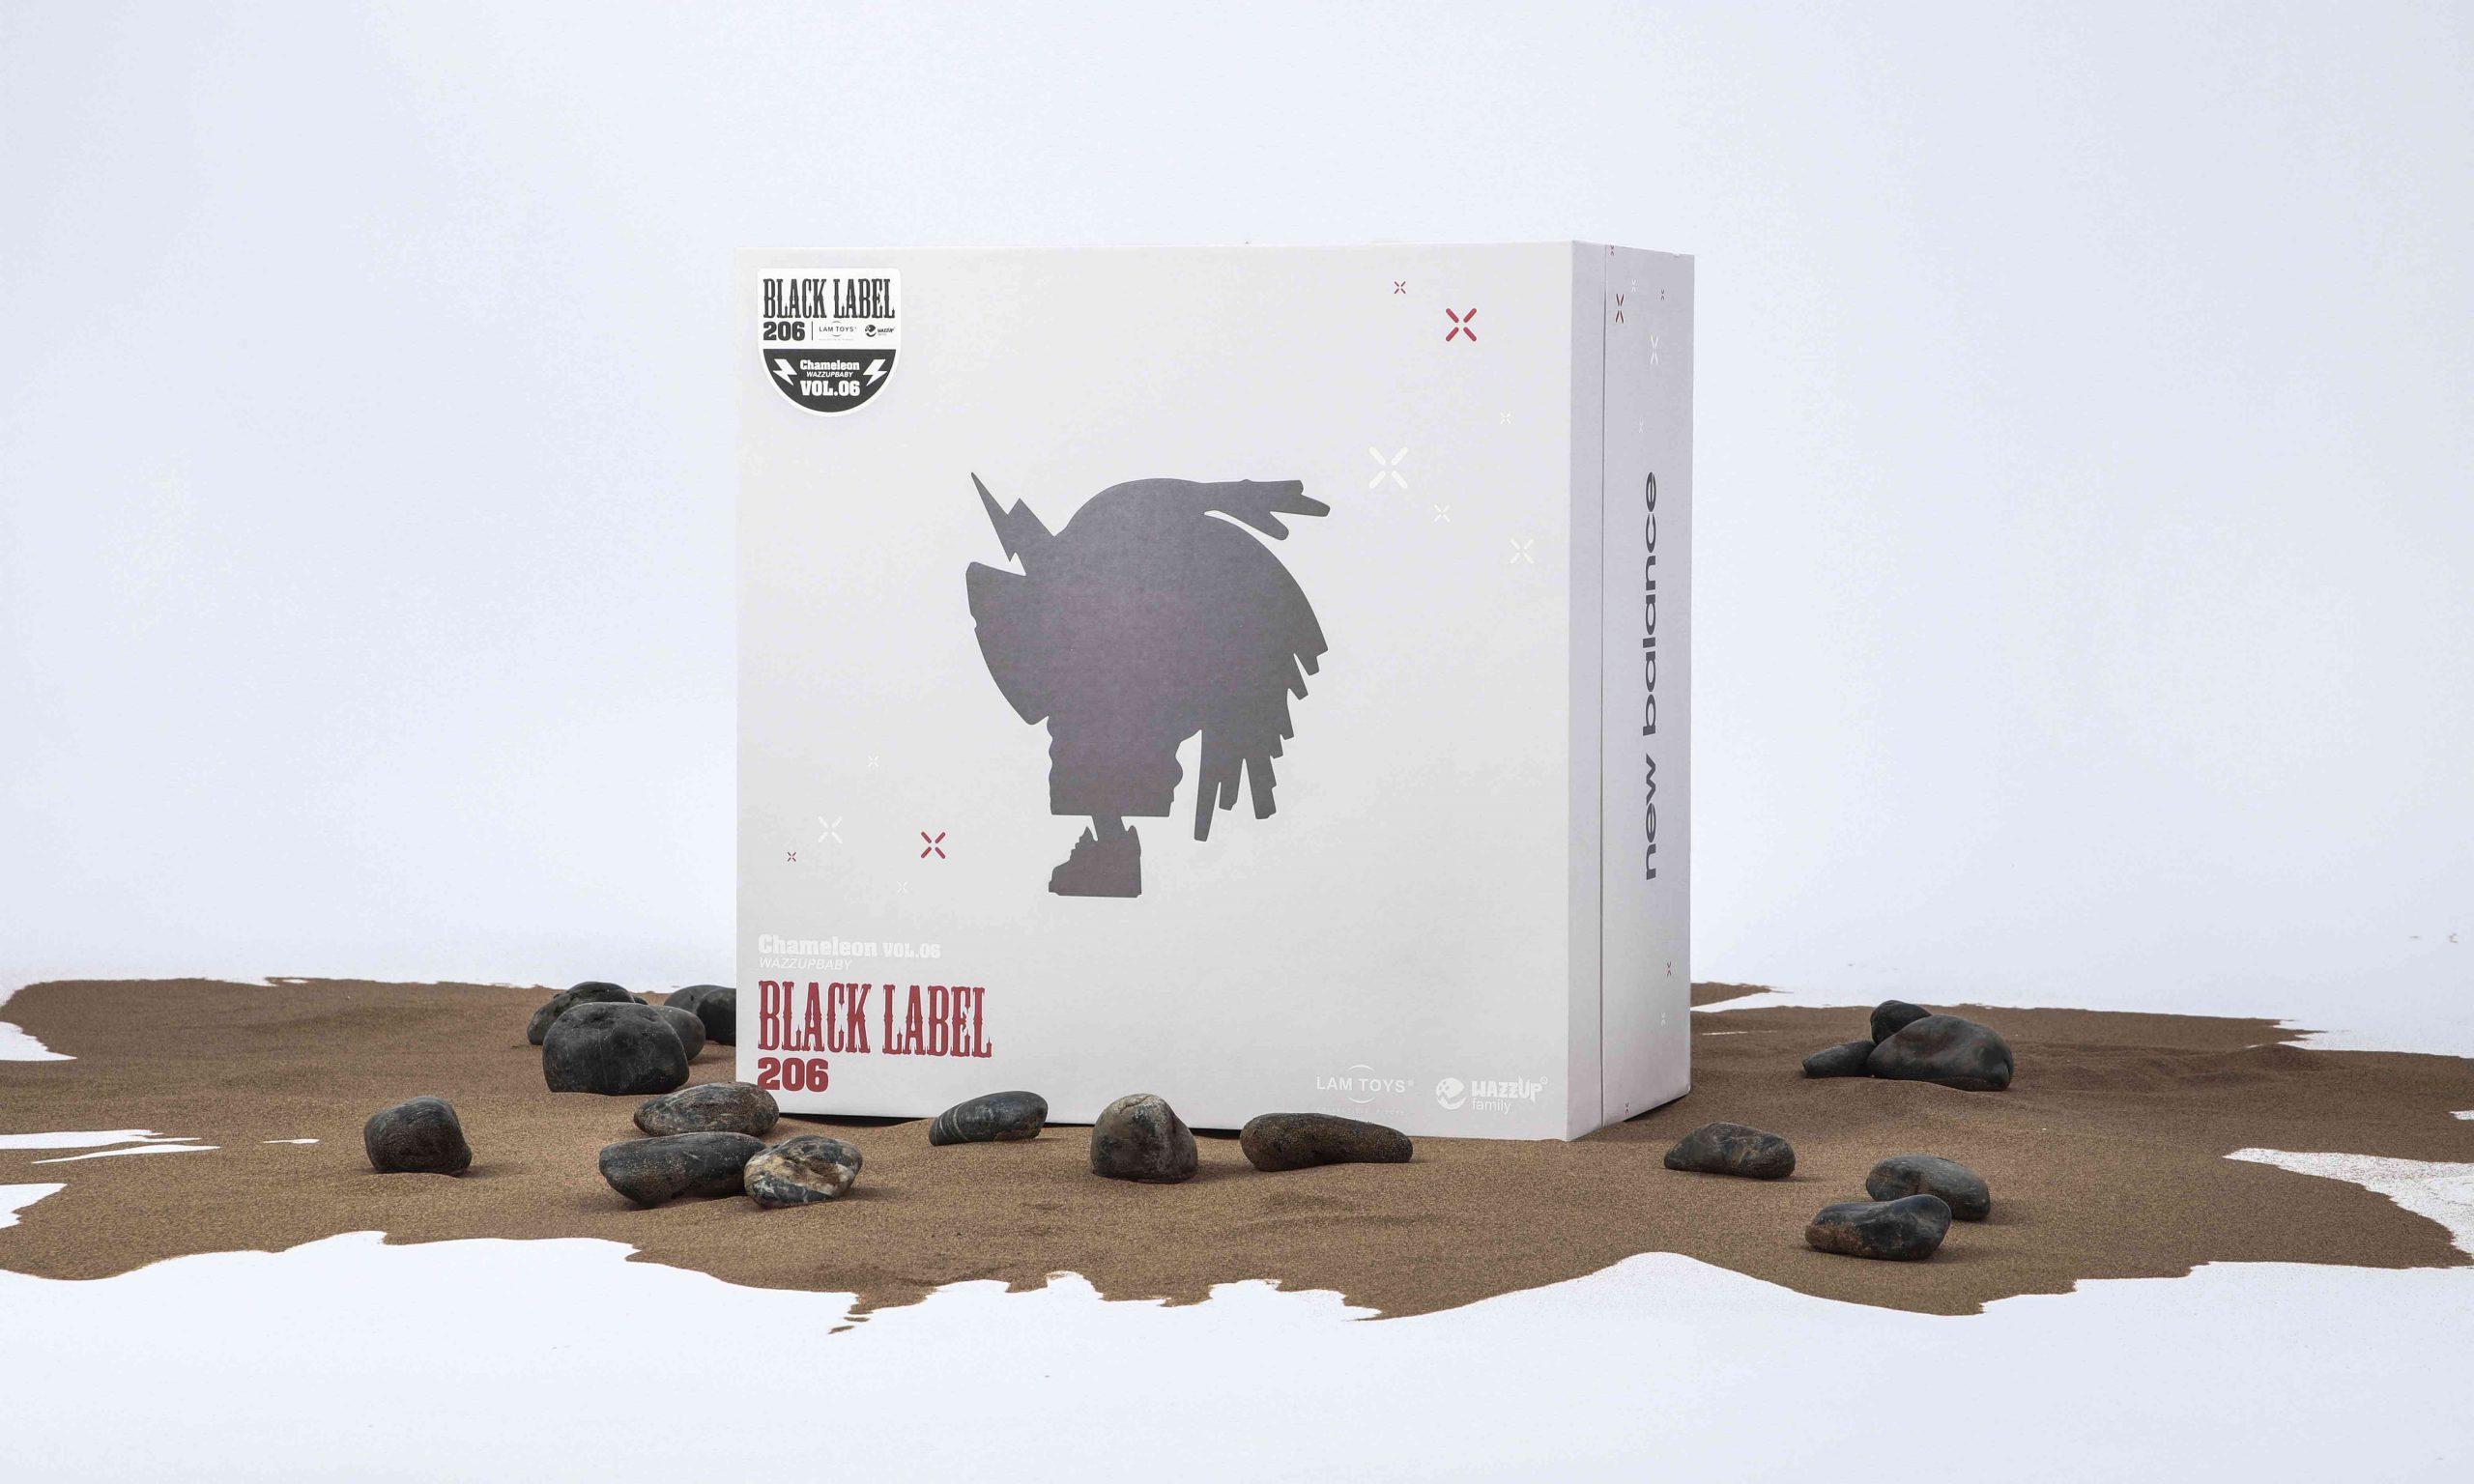 放胆玩耍,New Balance 2002R LAMTOYS 特别套装正式发布